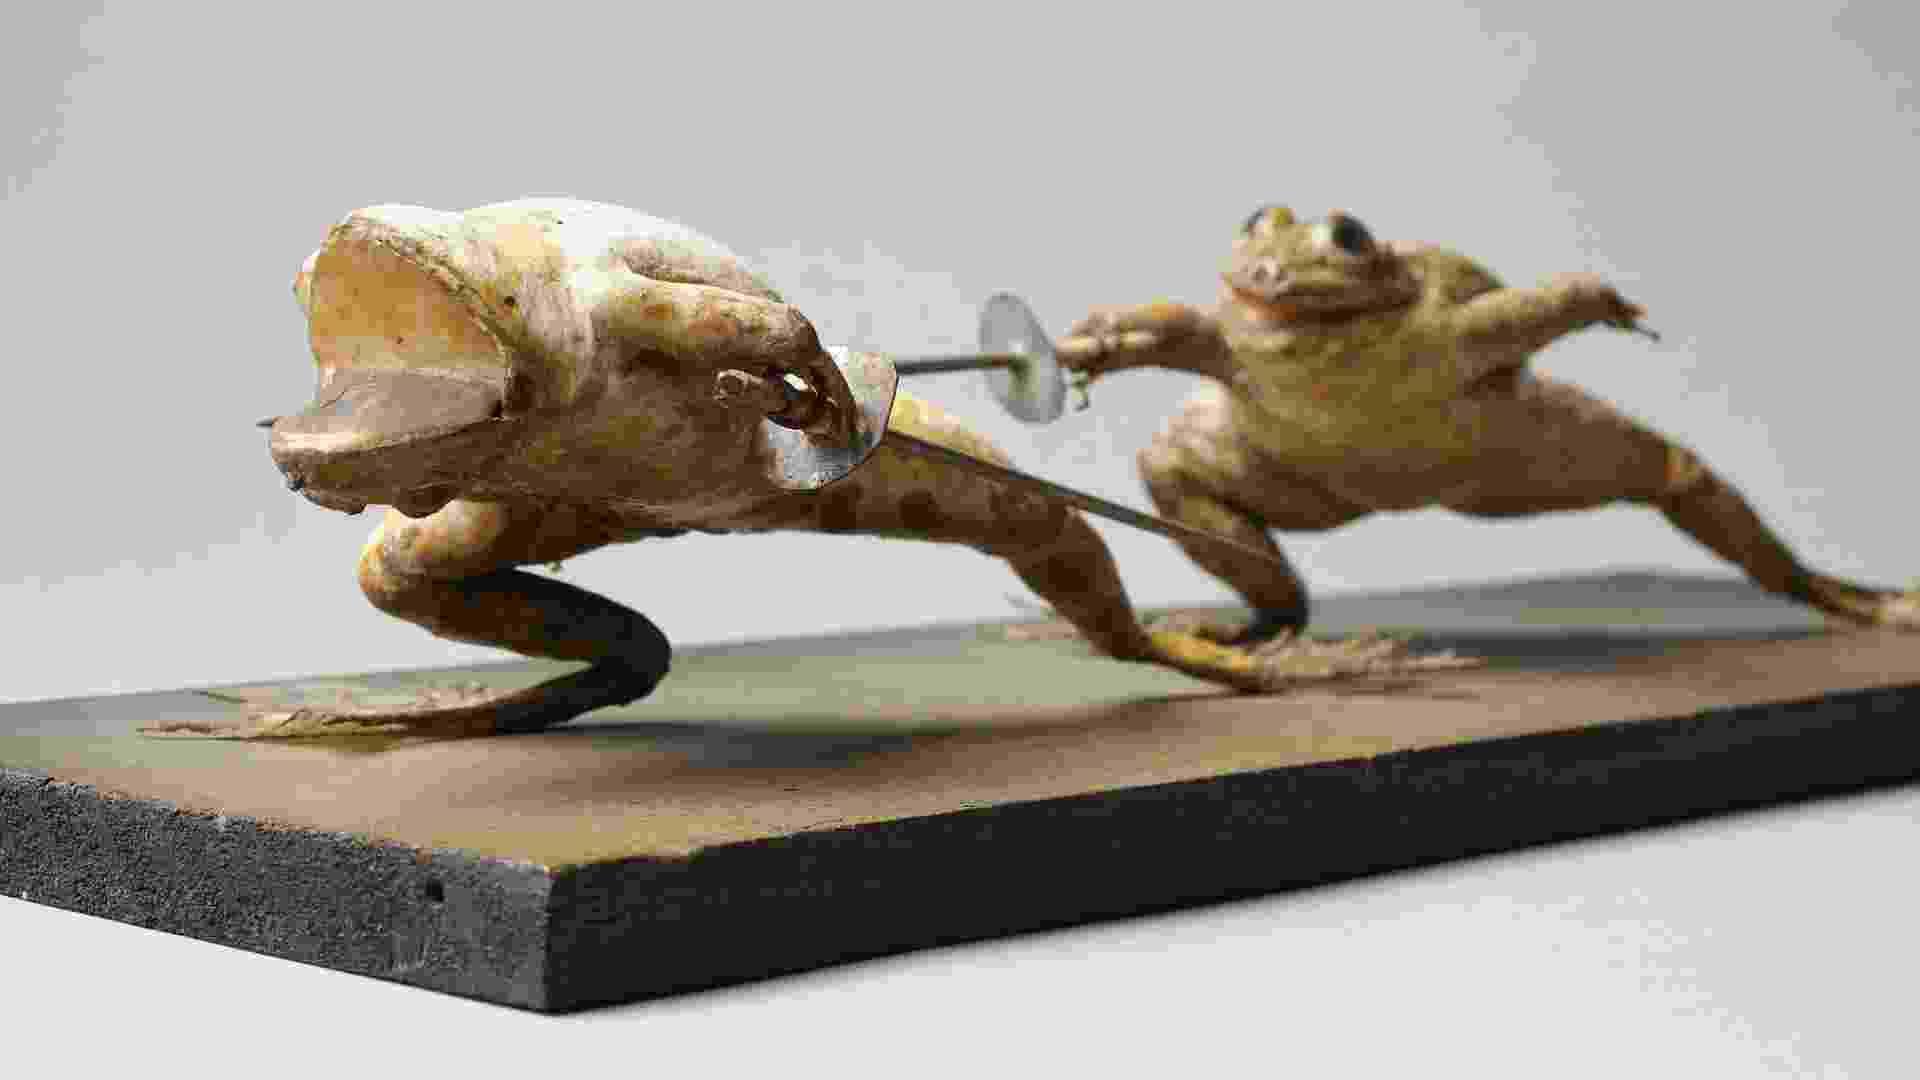 """Escultura de Präparierte Frösche presente na exposição """"The Other Half"""" (""""A Outra Metade""""), do Museu de História da Arte em Viena. Até setembro de 2013, o museu reúne cerca de 80 peças de um período de mais de 4 mil anos de história com a temática de casais e duetos - Divulgação"""